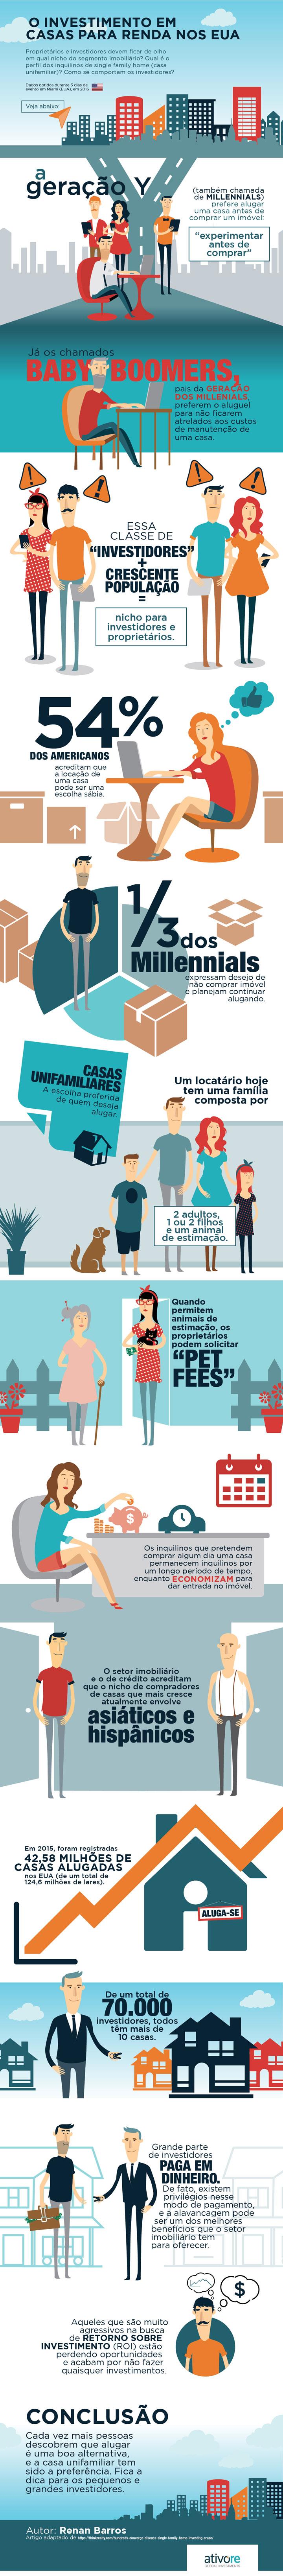 Conheça o perfil dos inquilinos de single family home